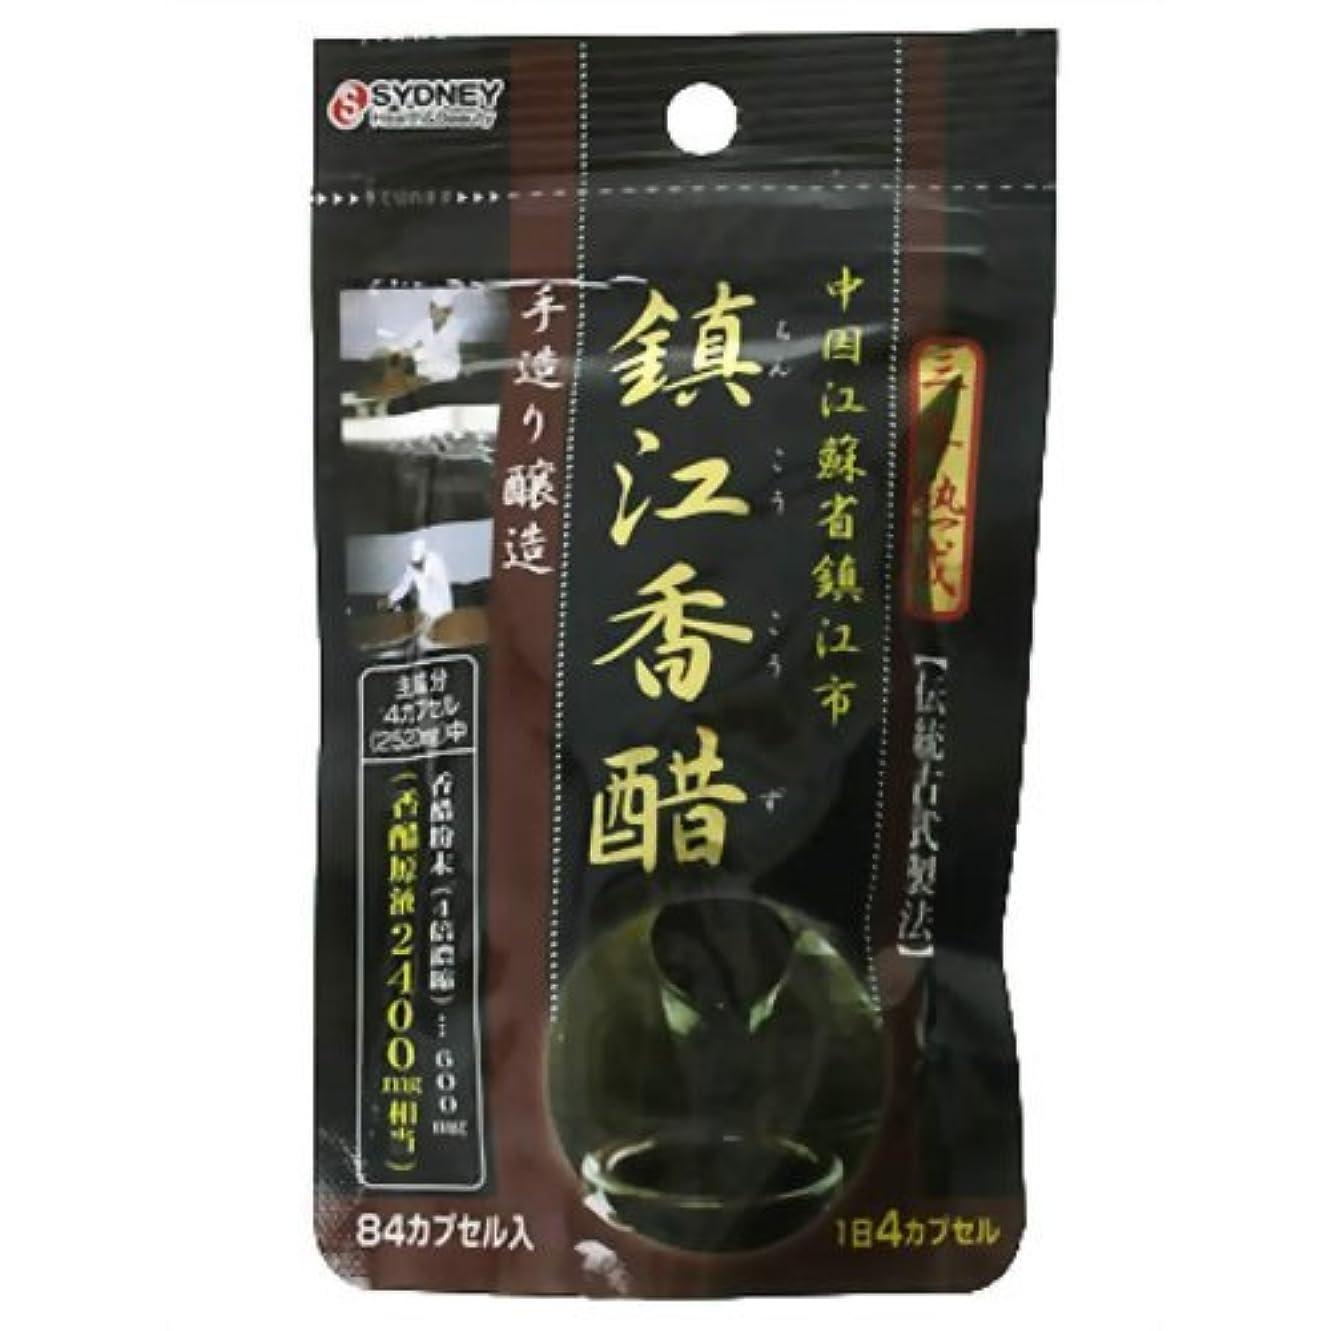 ネコメロドラマティックシリンダー鎮江香酢(三年熟成?伝統古式製法) 84カプセル